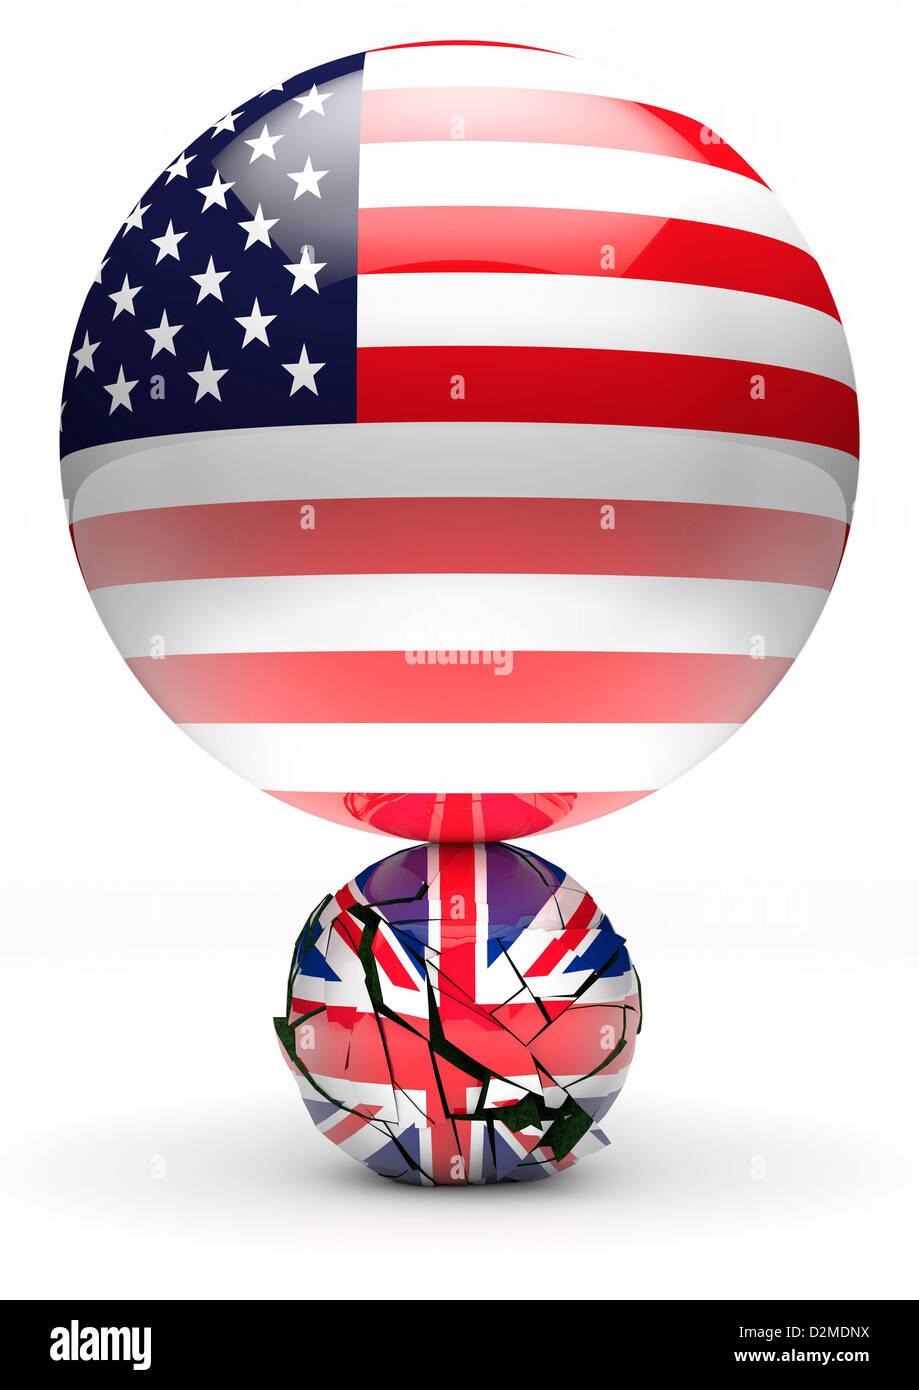 Grande bandiera americana sfera minore di frantumazione Unione Britannica bandiera sfera - Power Balance / concetto Immagini Stock